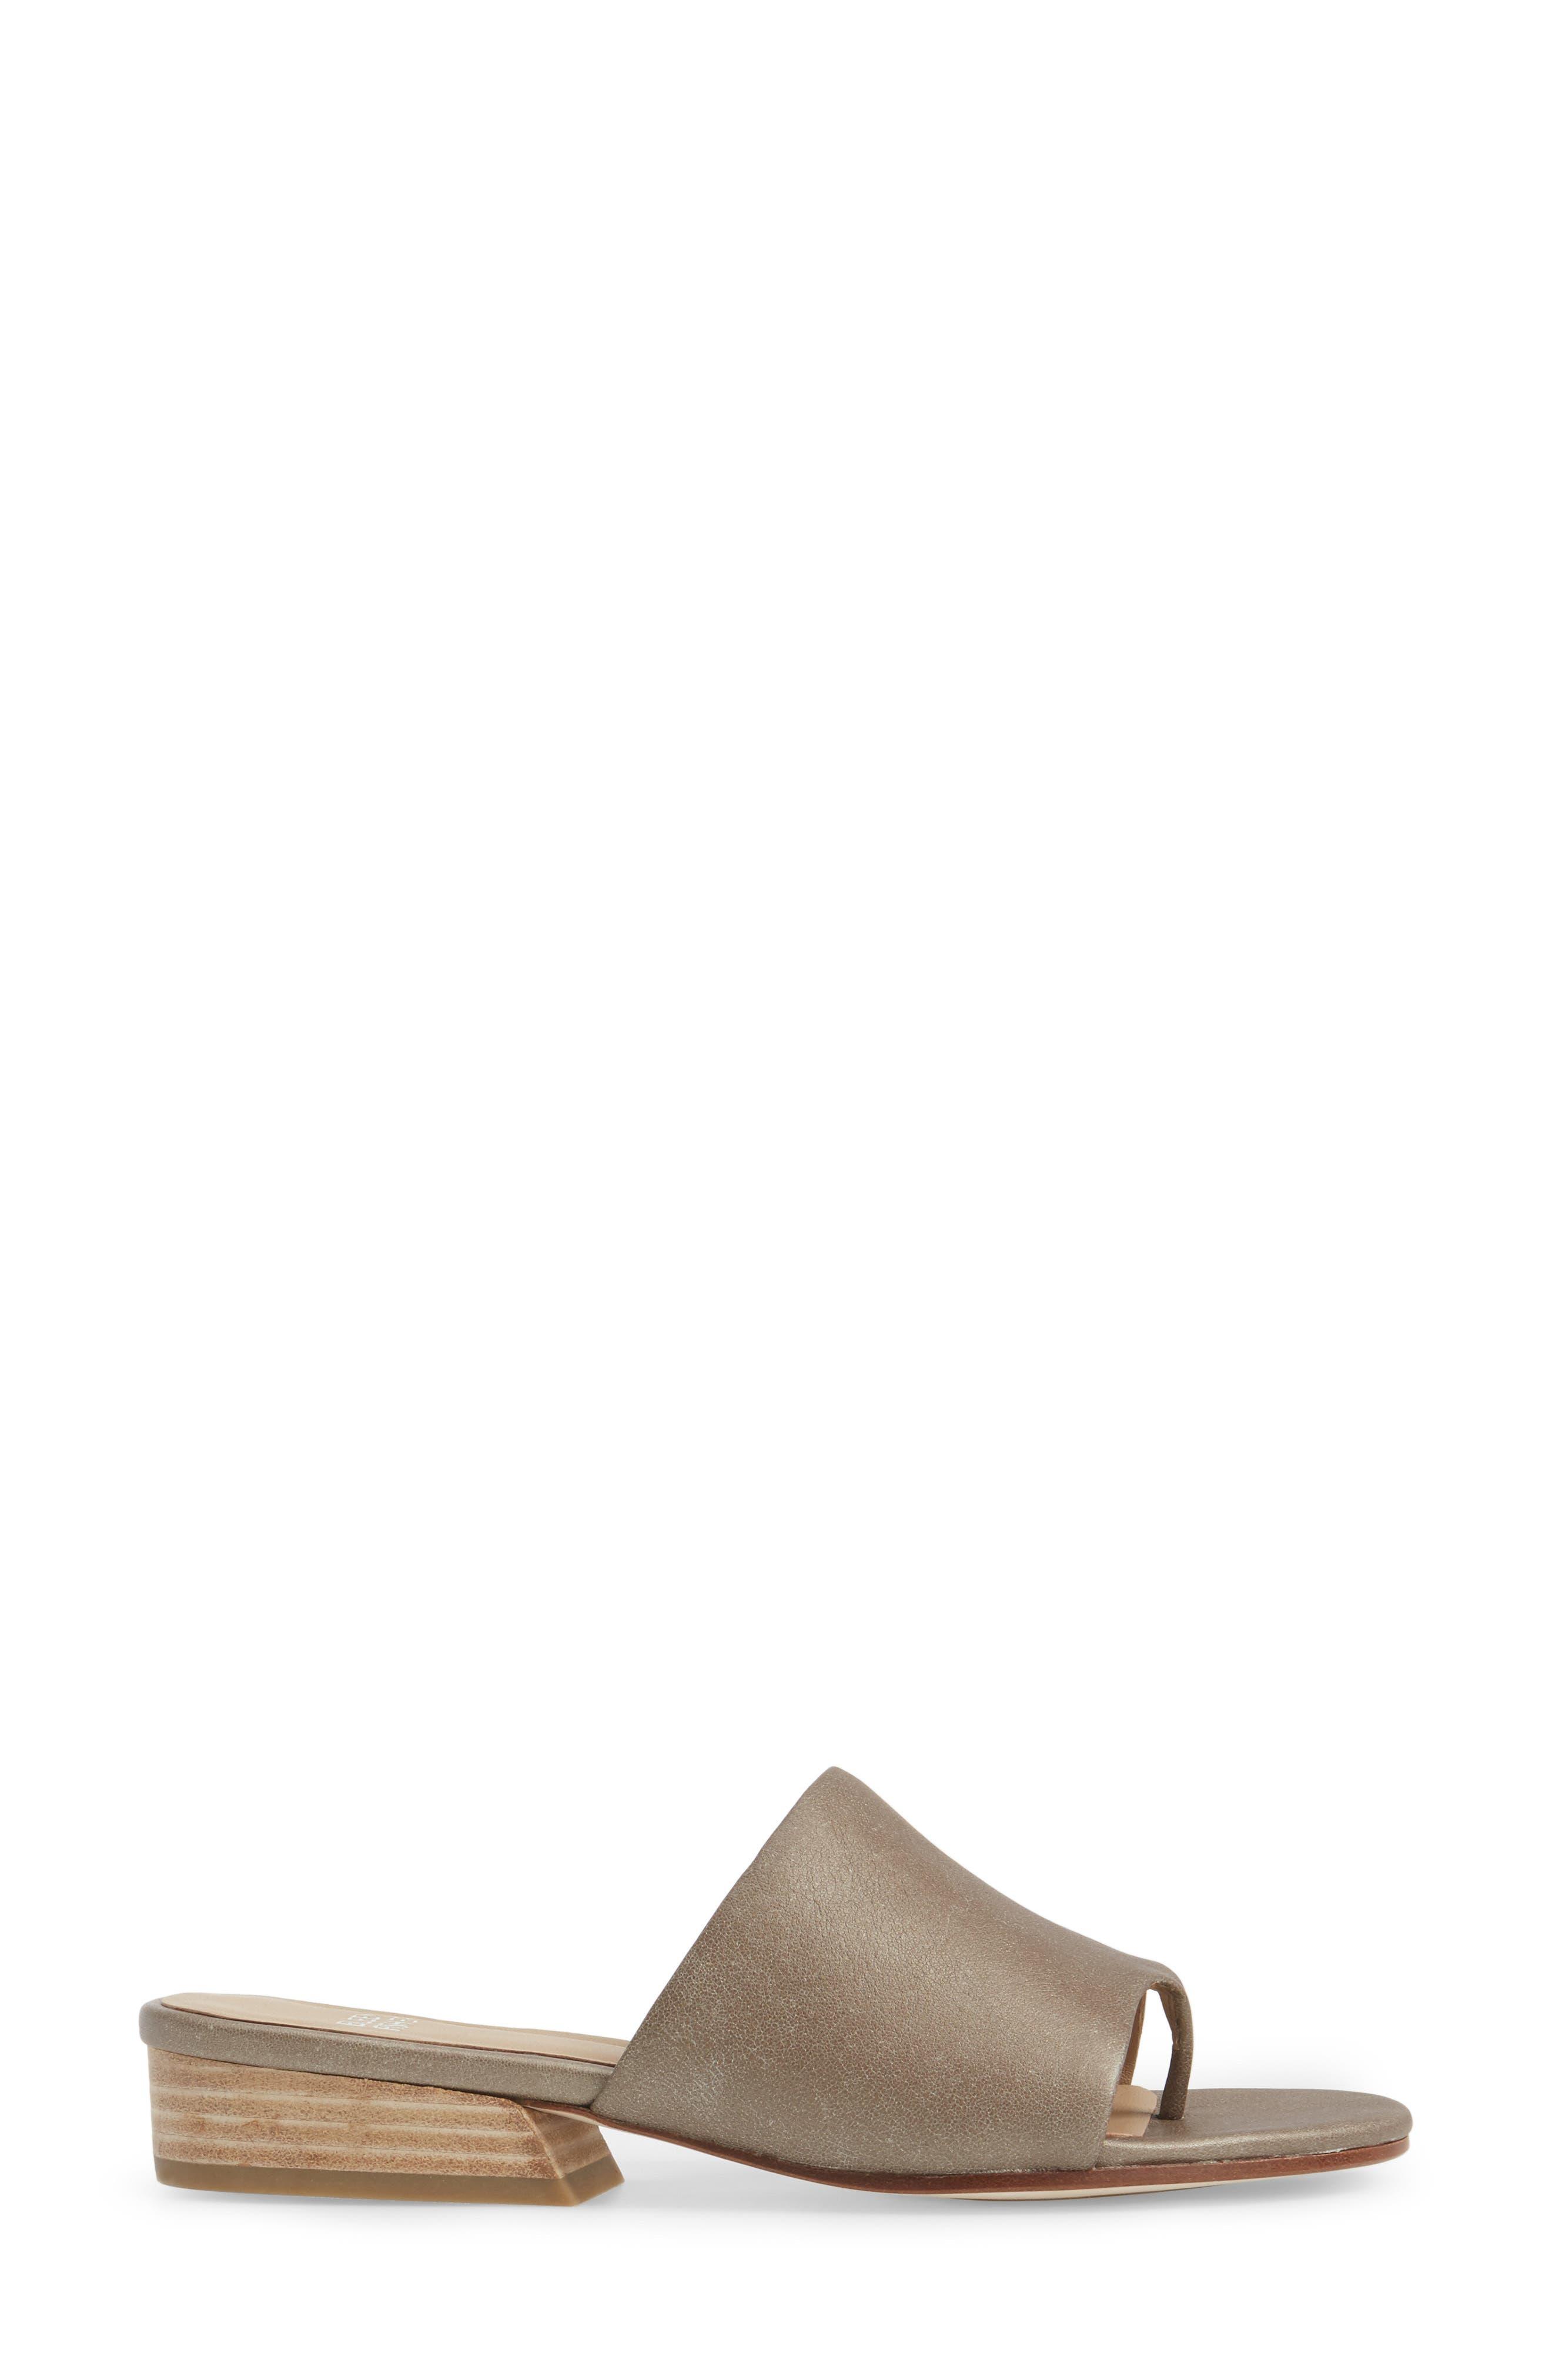 Beal Slide Sandal,                             Alternate thumbnail 14, color,